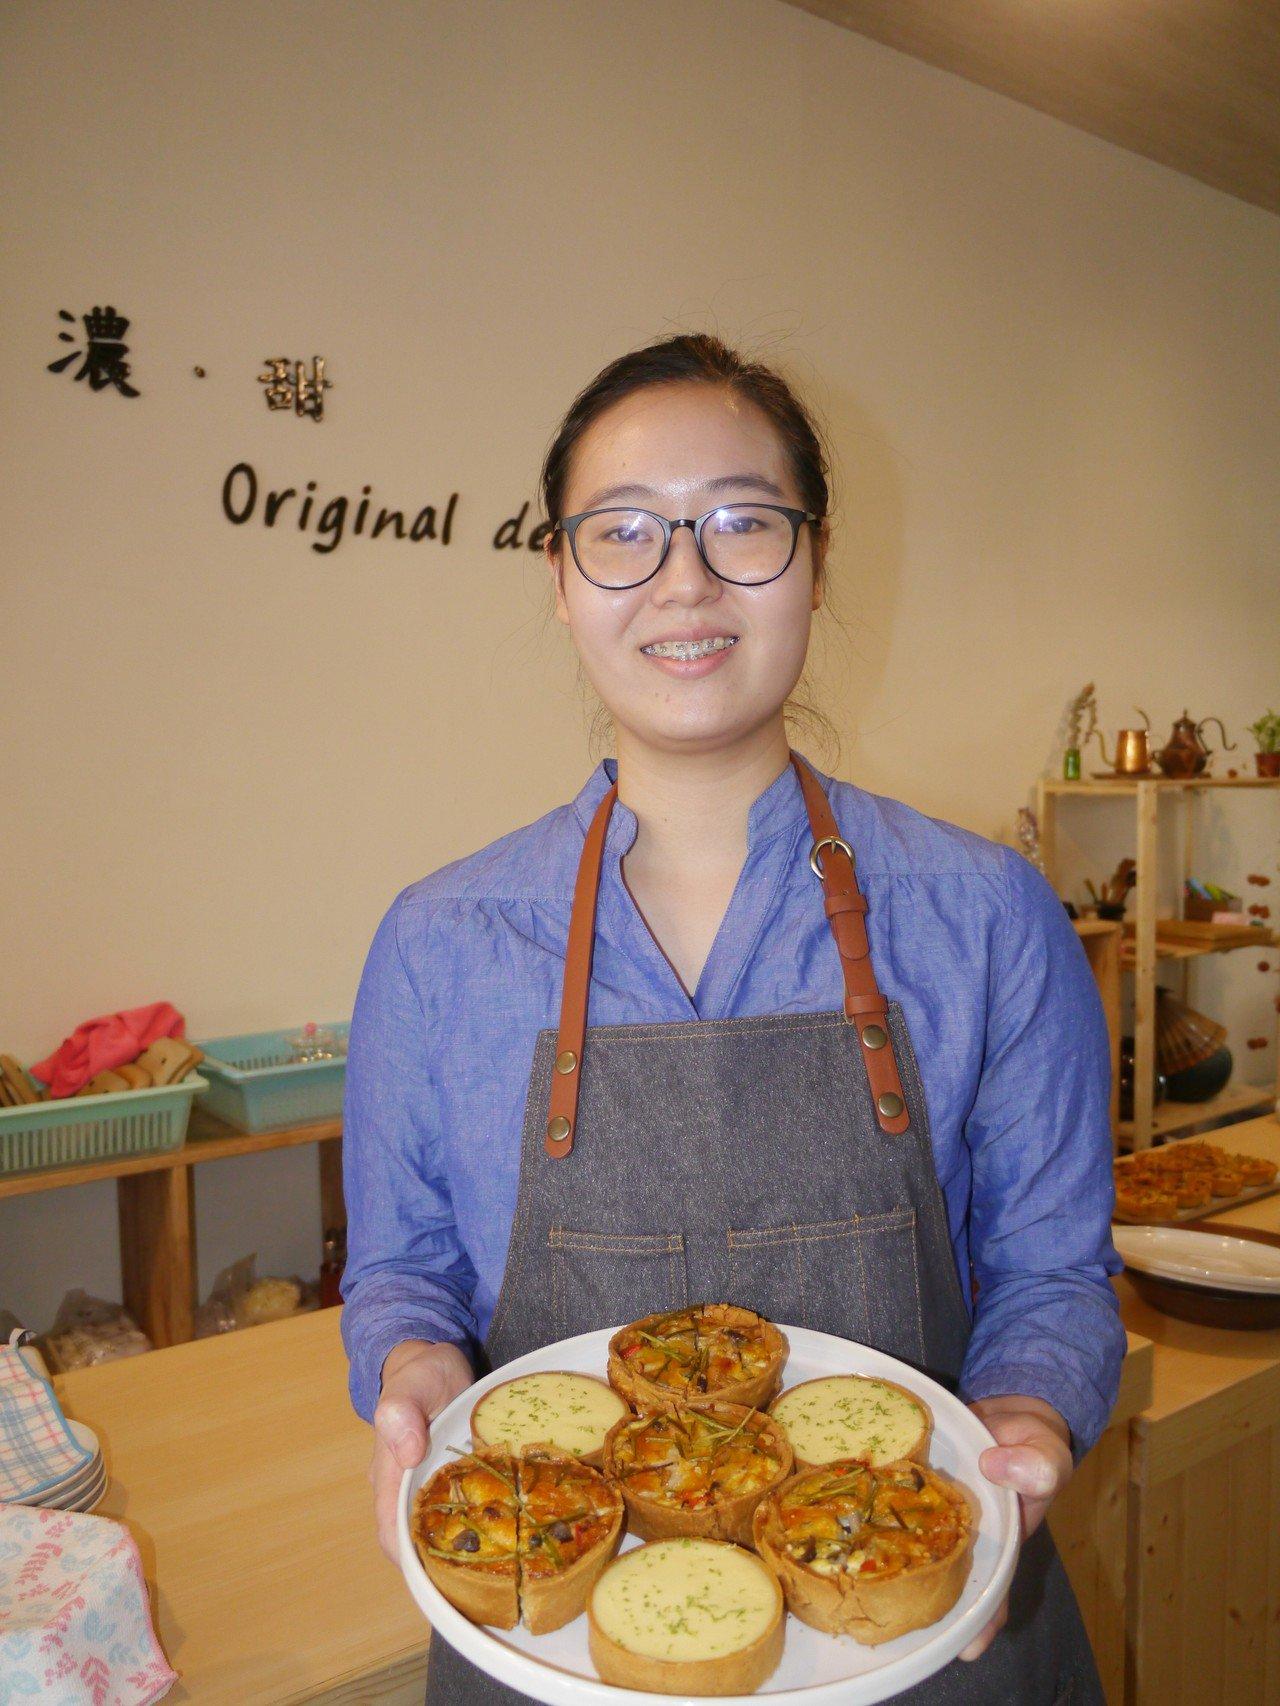 林明靜大學畢業即開店創業,融合美濃在地食材製作法式甜點。記者徐白櫻/攝影